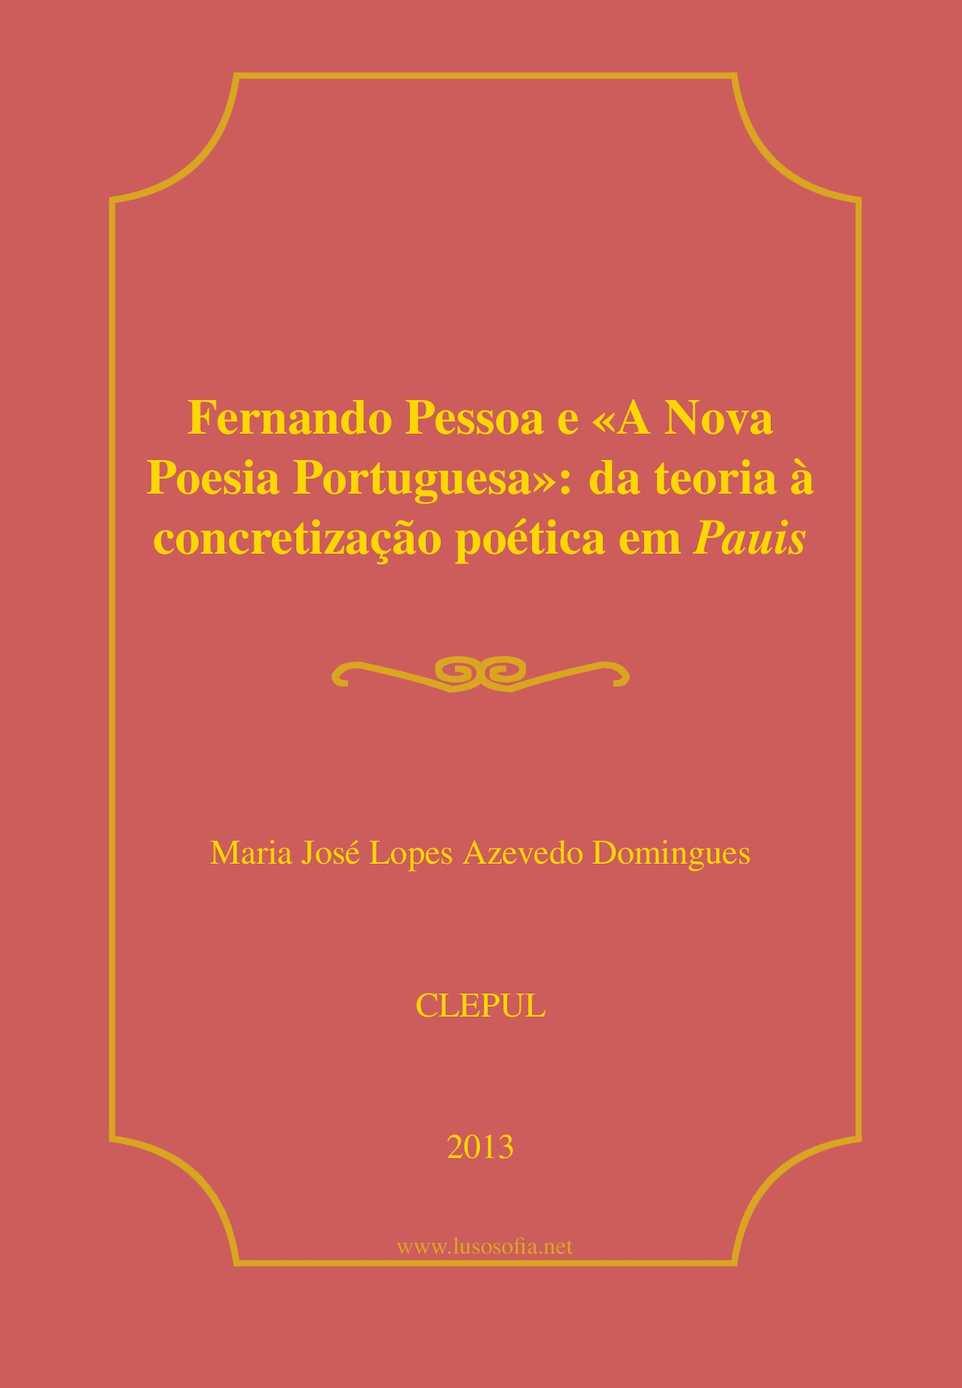 Fernando Pessoa e a«Nova Poesia Portuguesa»: da teoria à conretização poética em Pauis